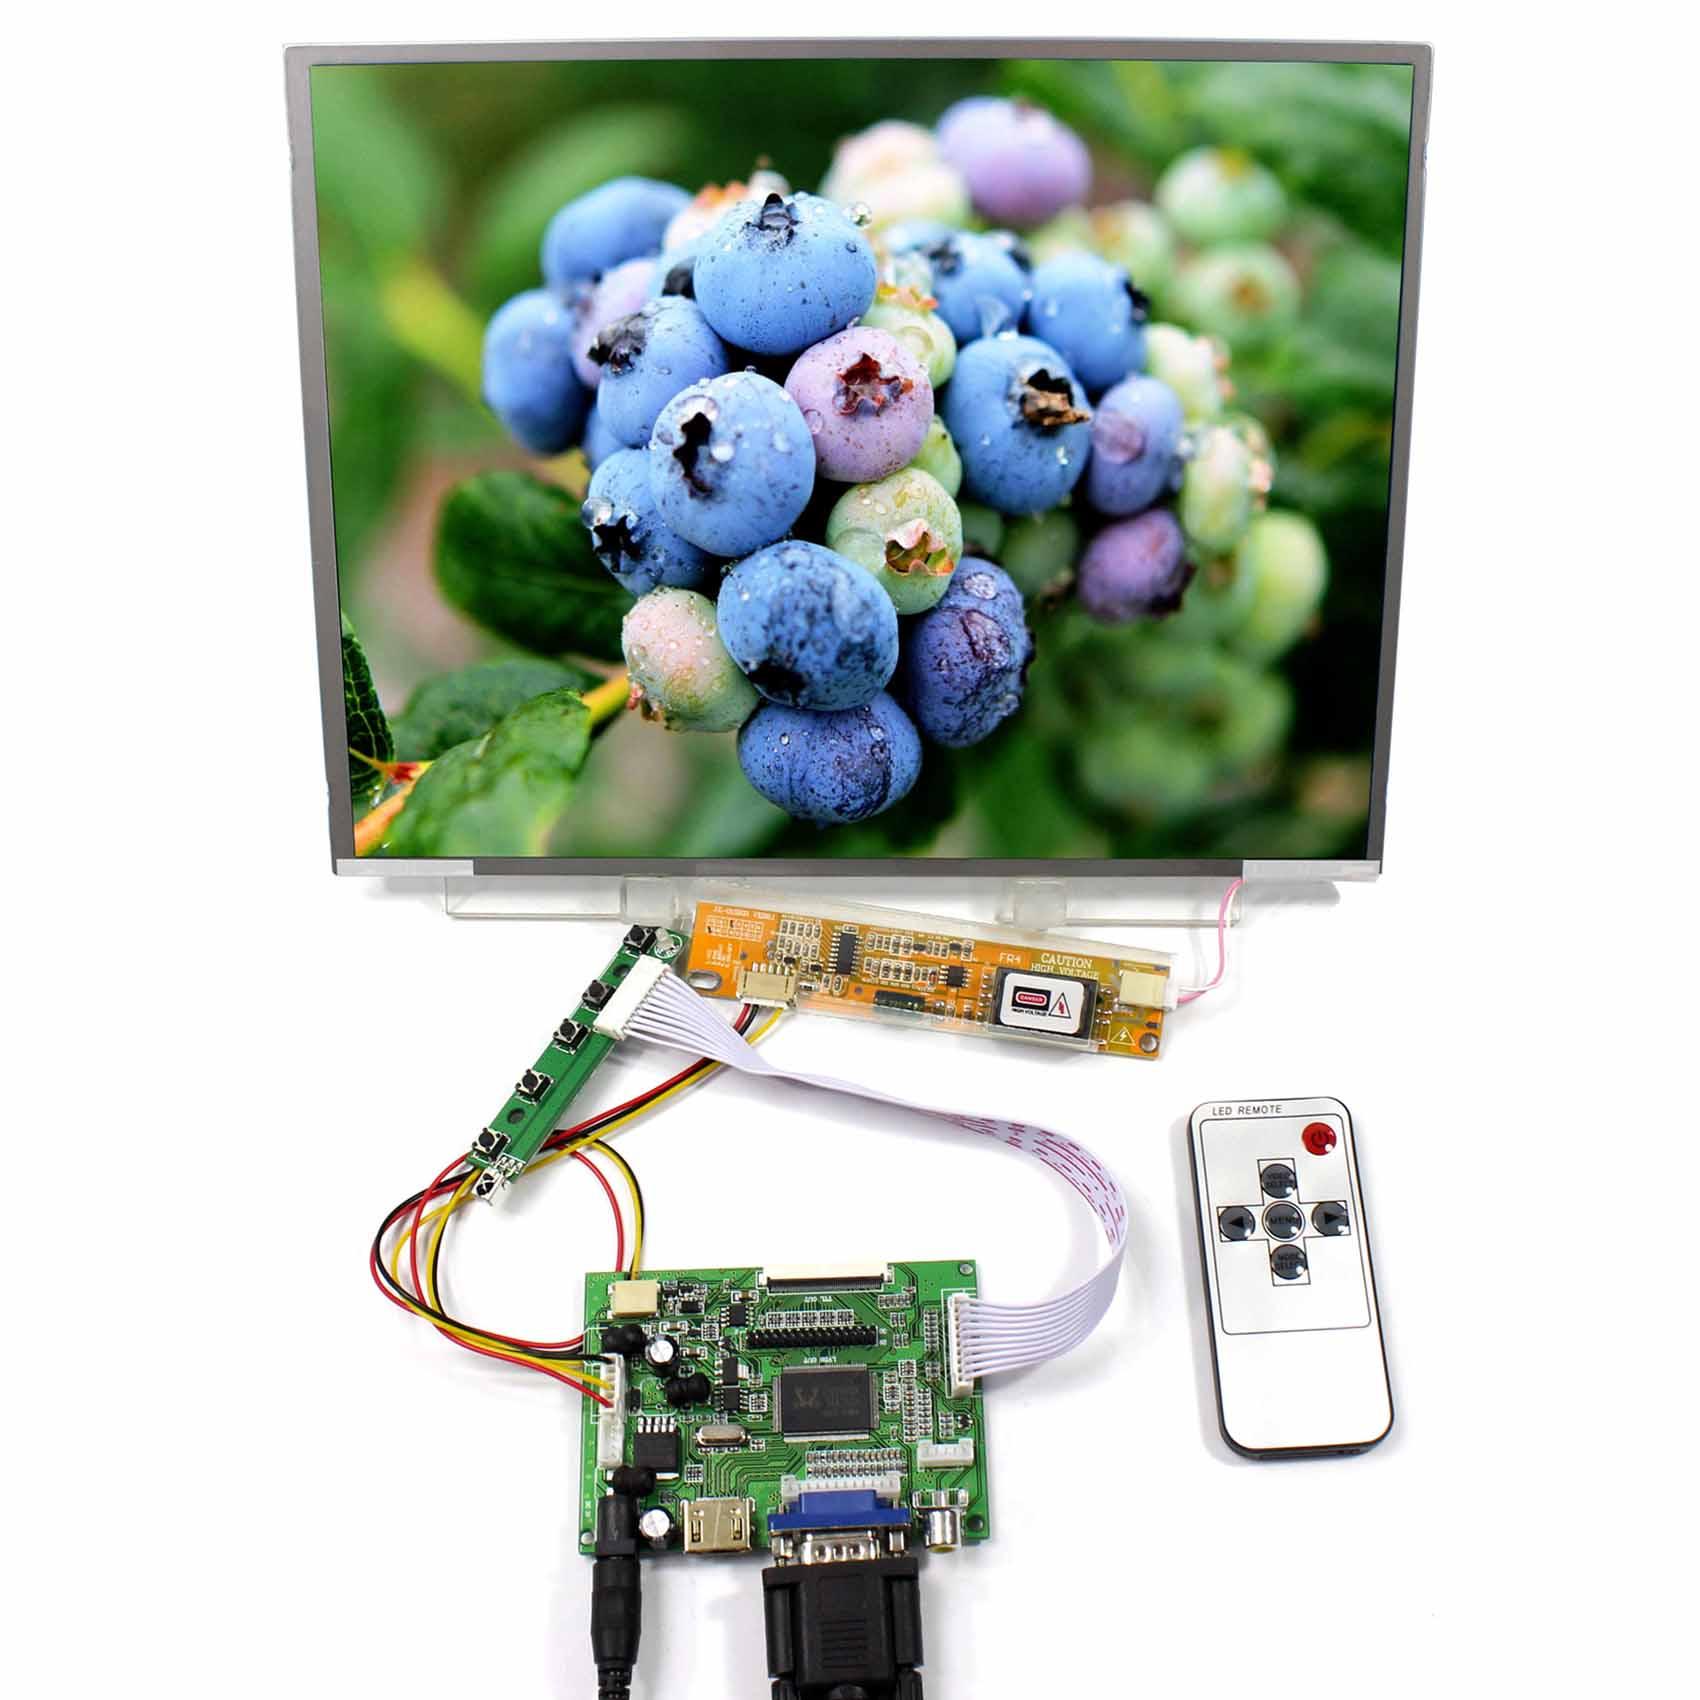 HDMI VGA 2AV lcd  Controller board VSTY2662-V1 With 12.1inch 1024x768 N121X5 LTN121XJ HT121X01 LCD PanelHDMI VGA 2AV lcd  Controller board VSTY2662-V1 With 12.1inch 1024x768 N121X5 LTN121XJ HT121X01 LCD Panel